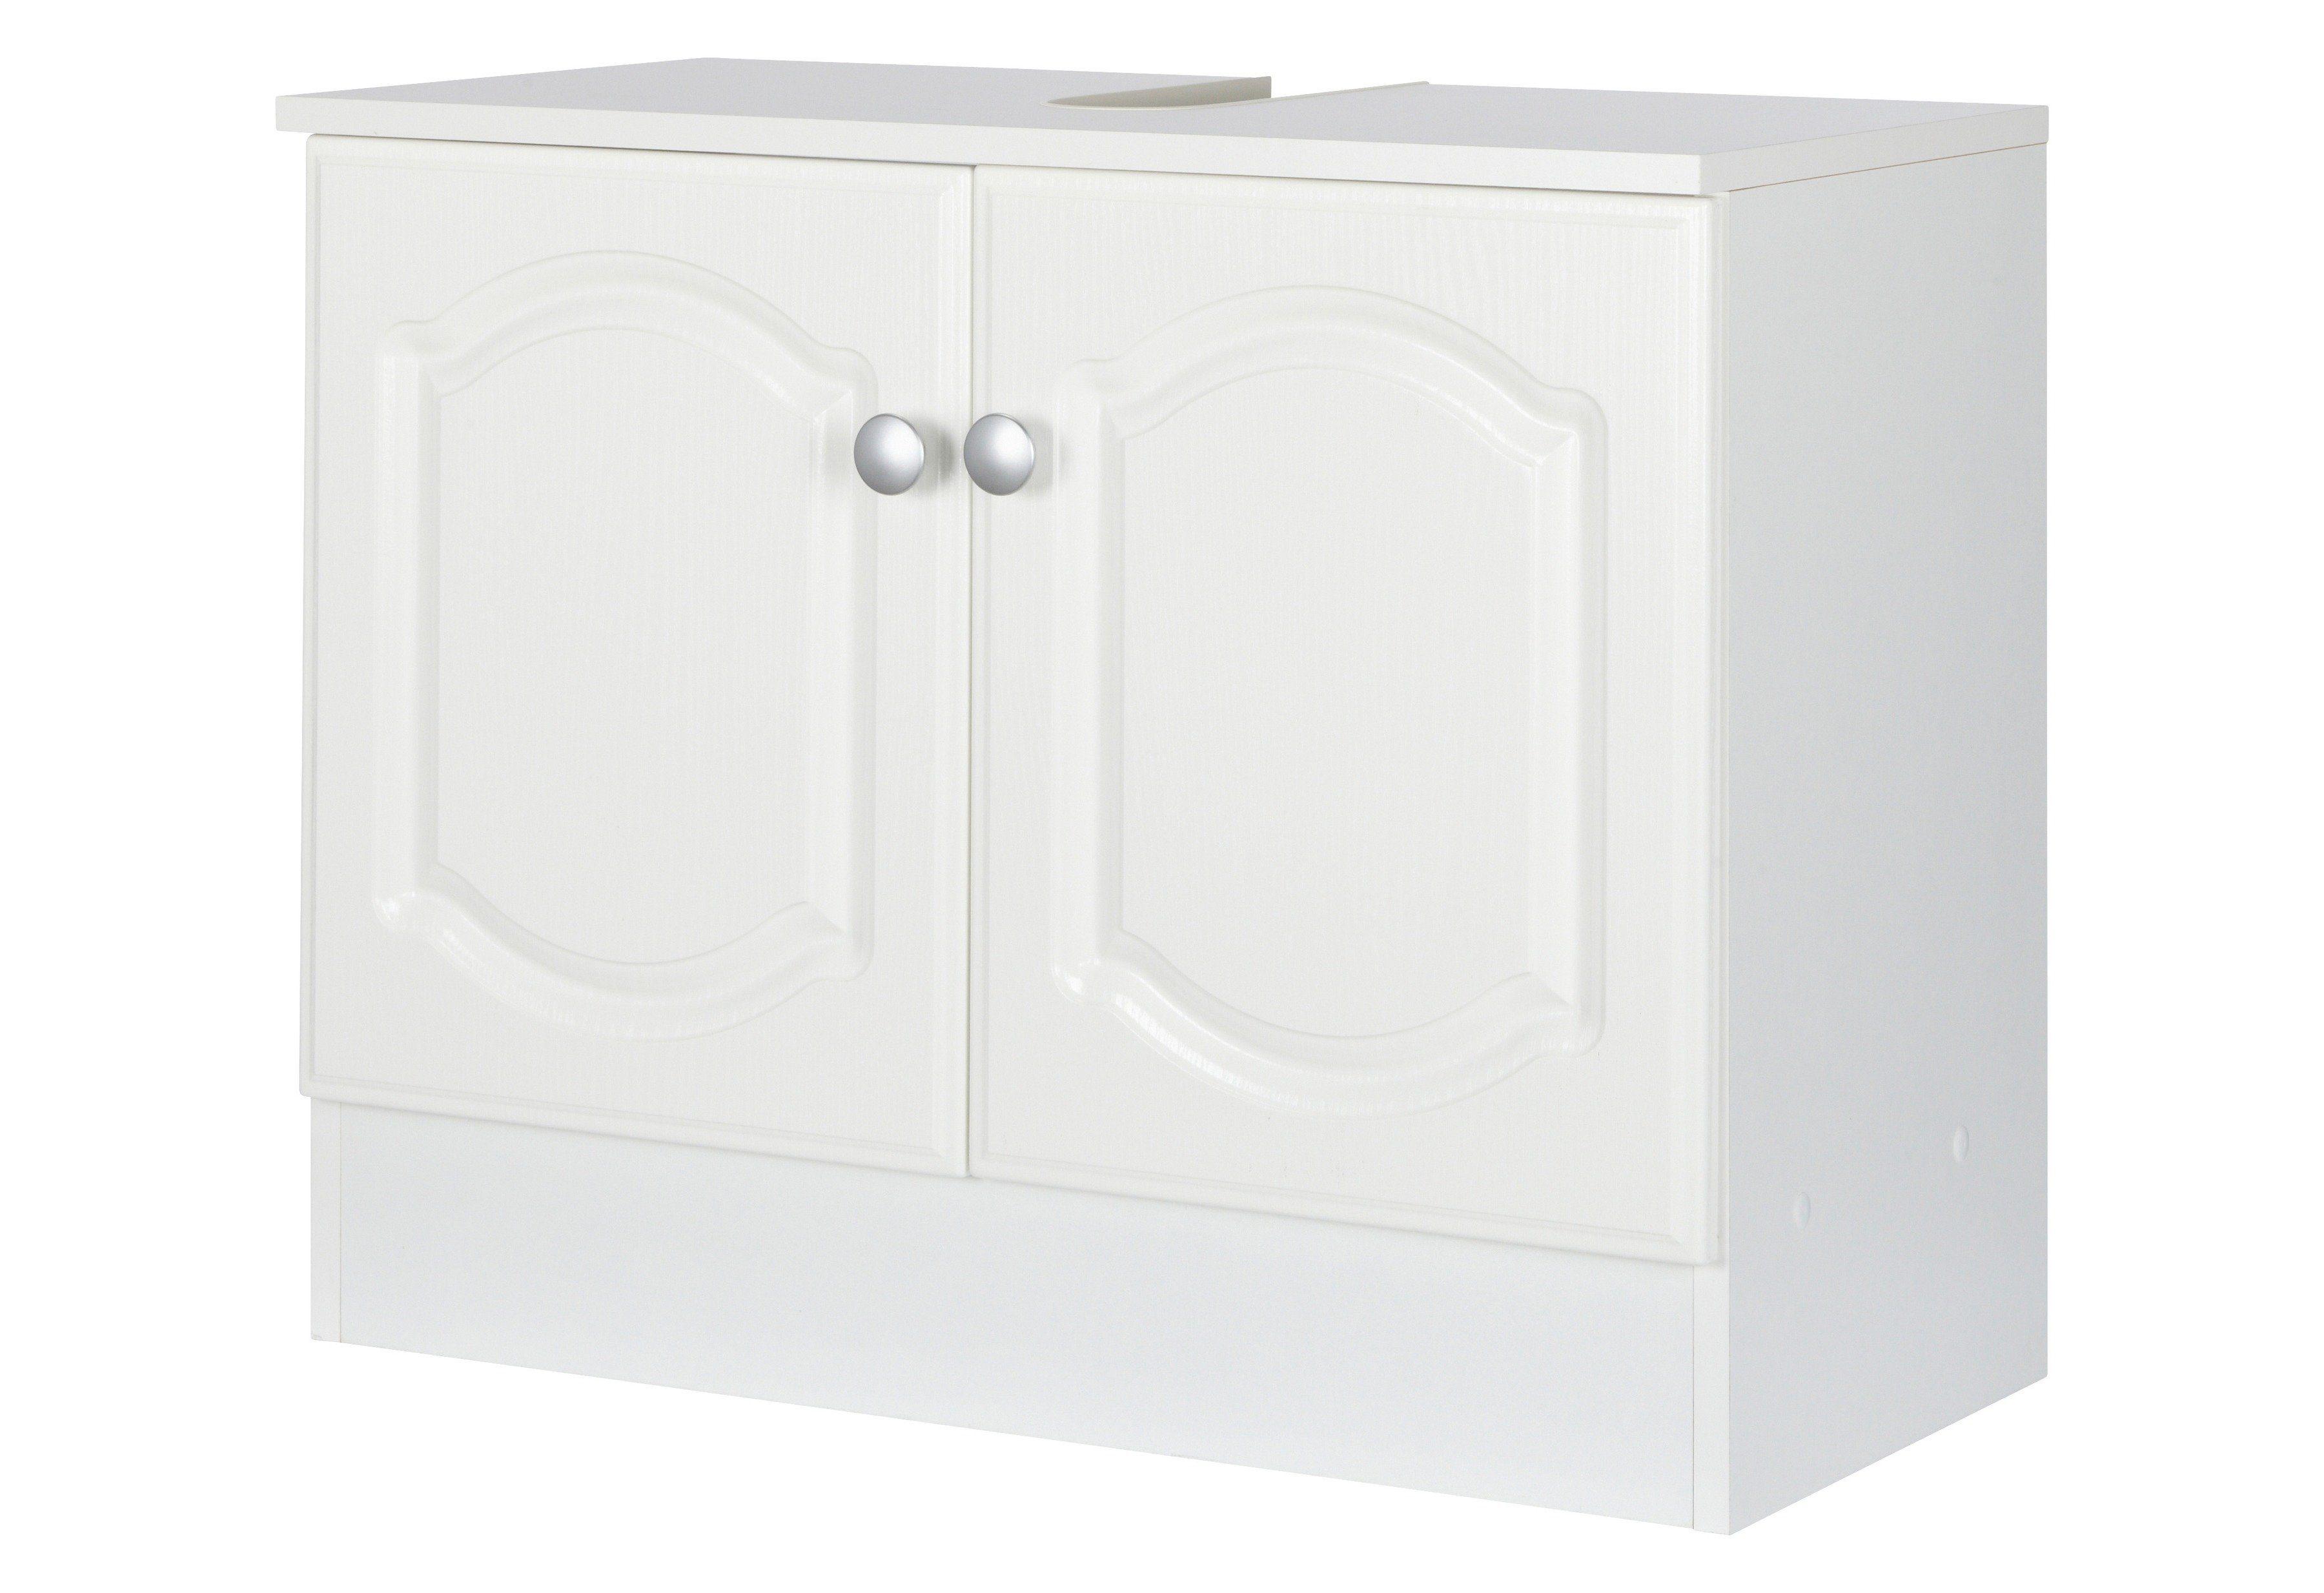 HELD MÖBEL Waschbeckenunterschrank »List«, Breite 70 cm